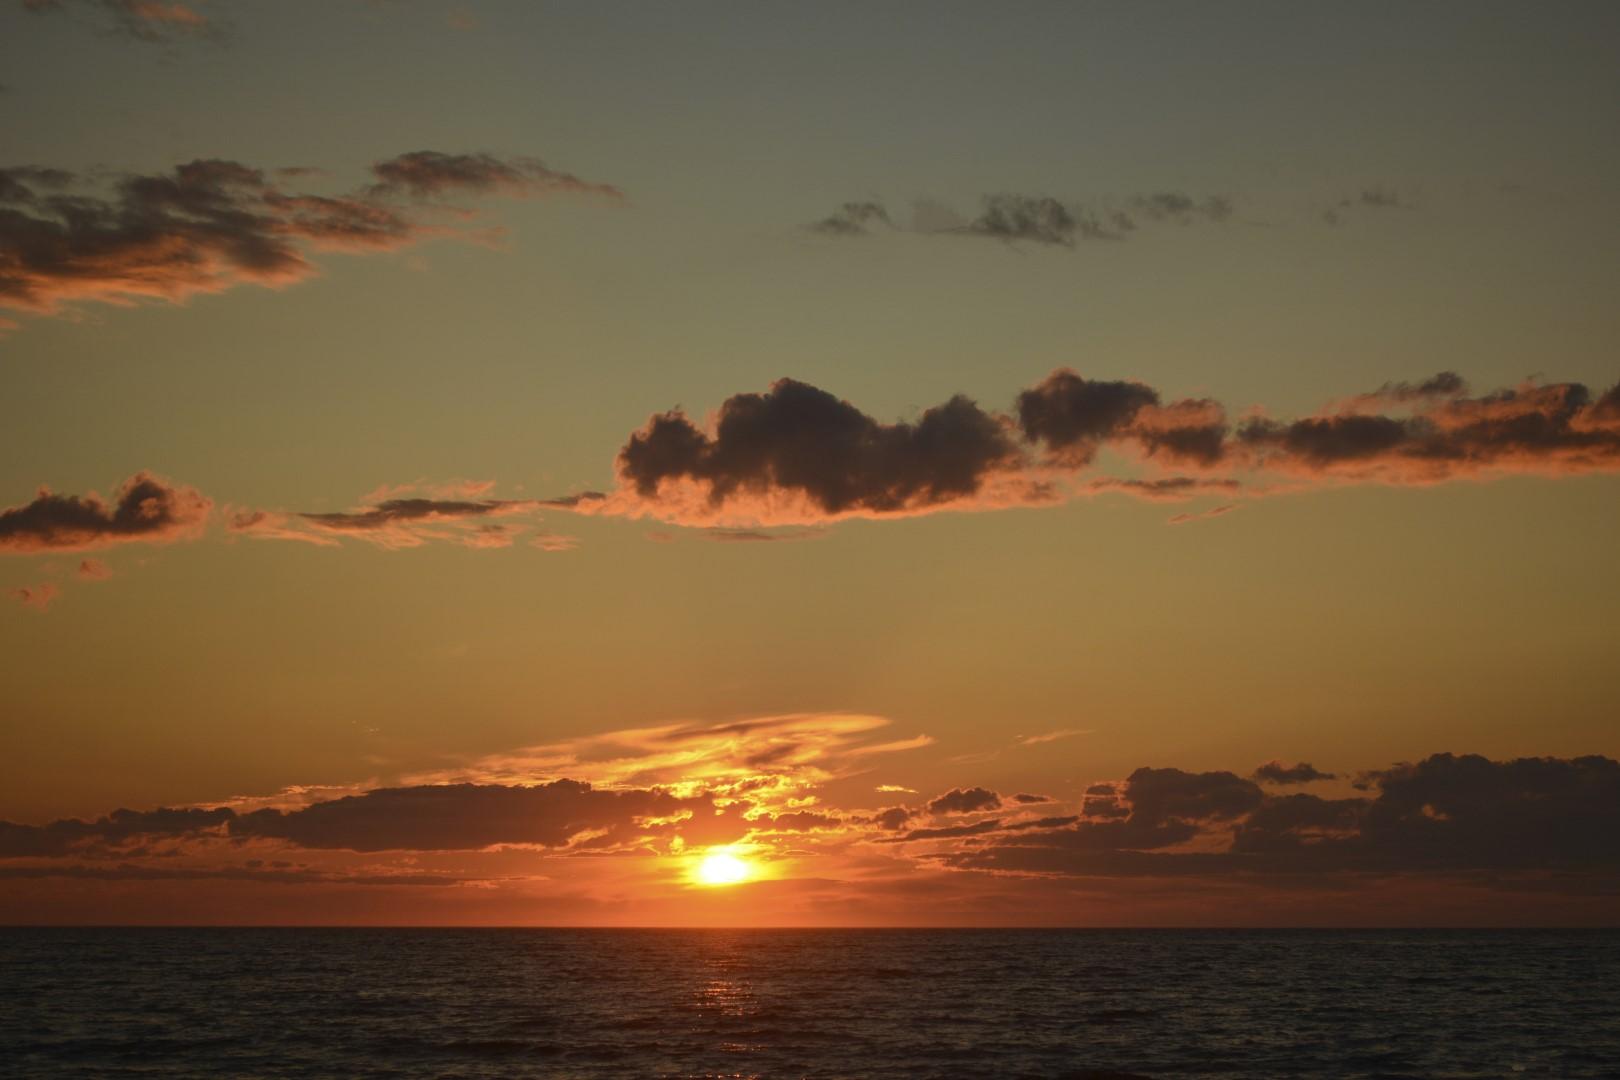 Douceur du soleil couchant de Lanie Berthiaume